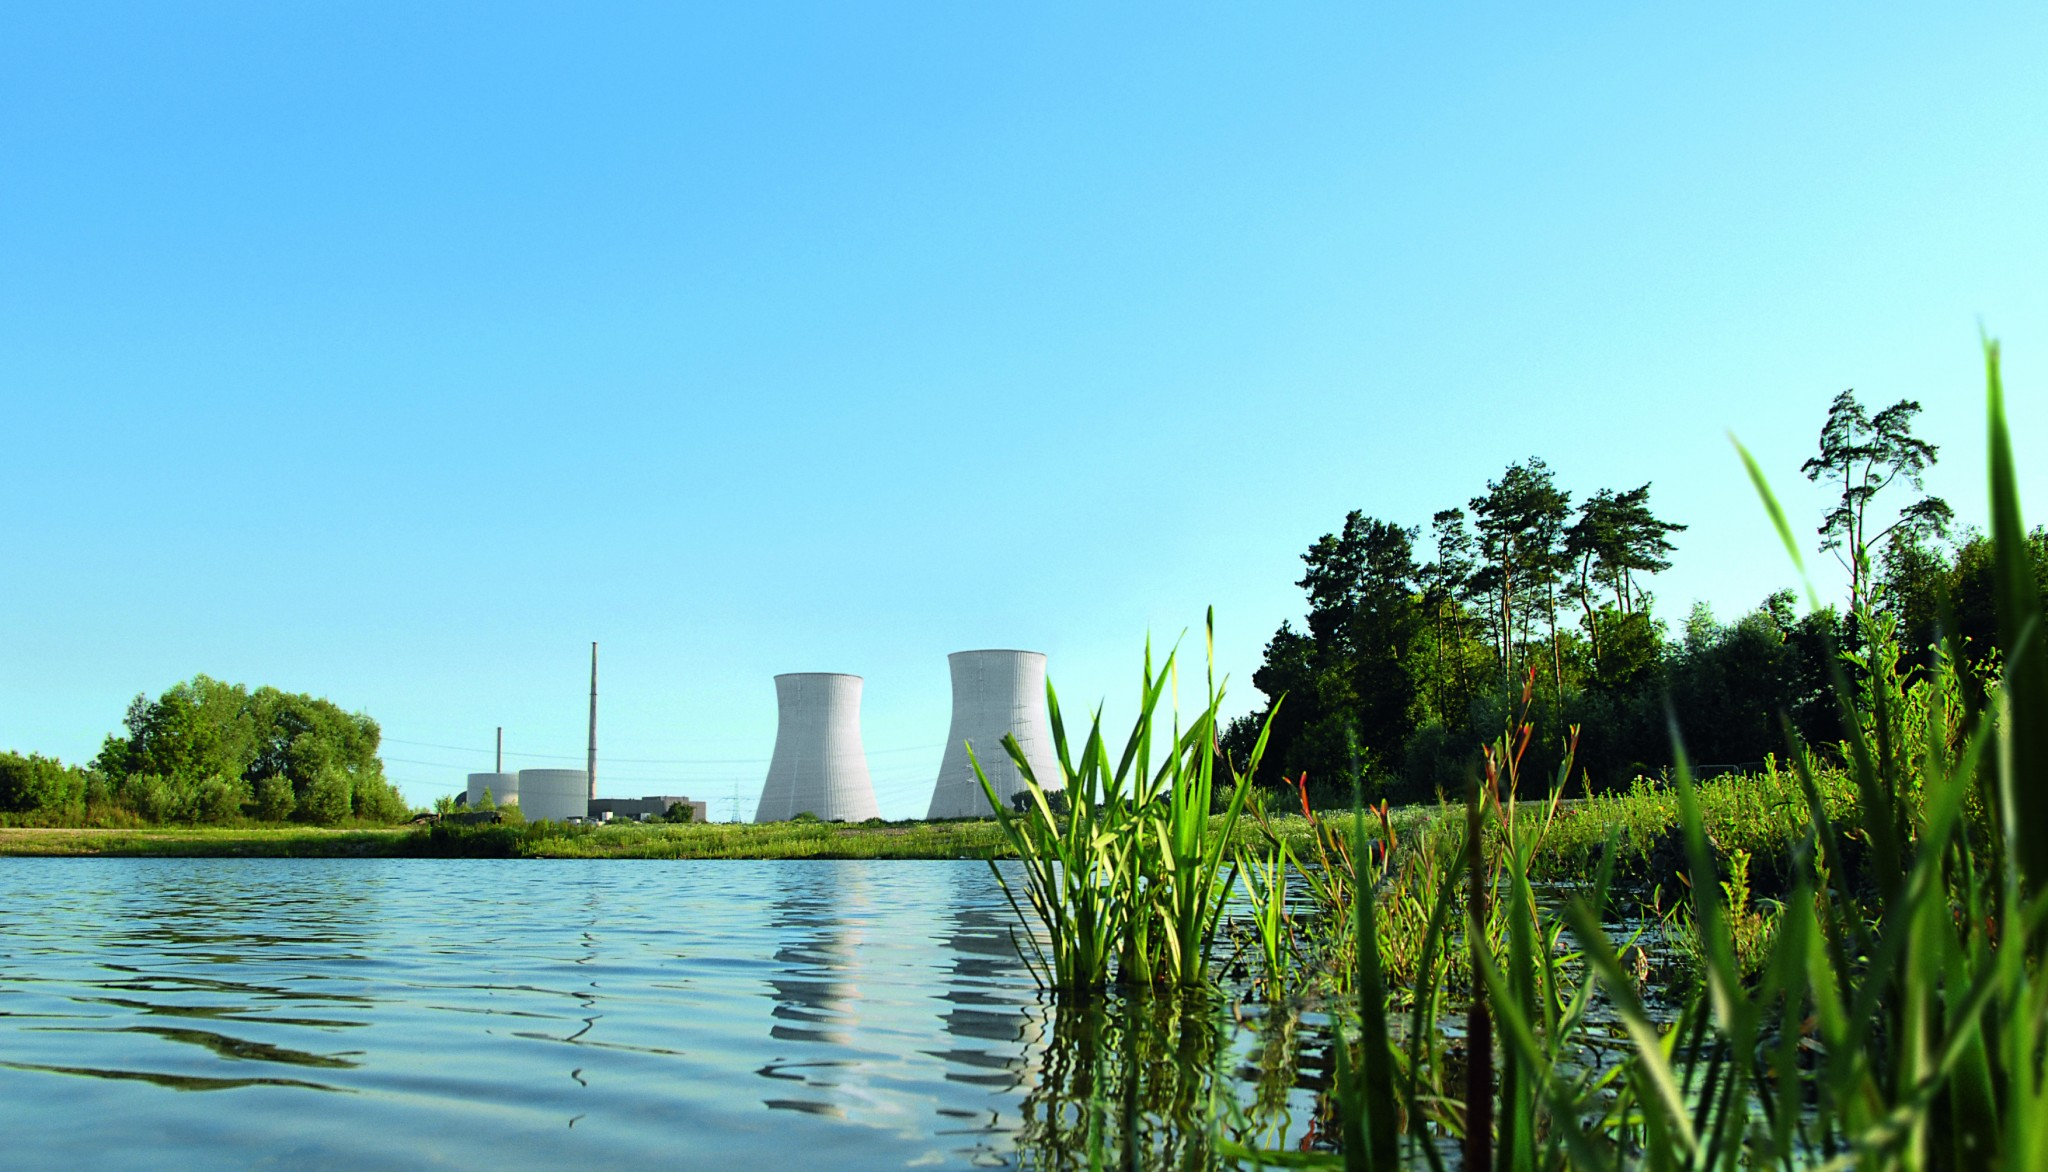 immeuble énergie renouvelable en allemagne